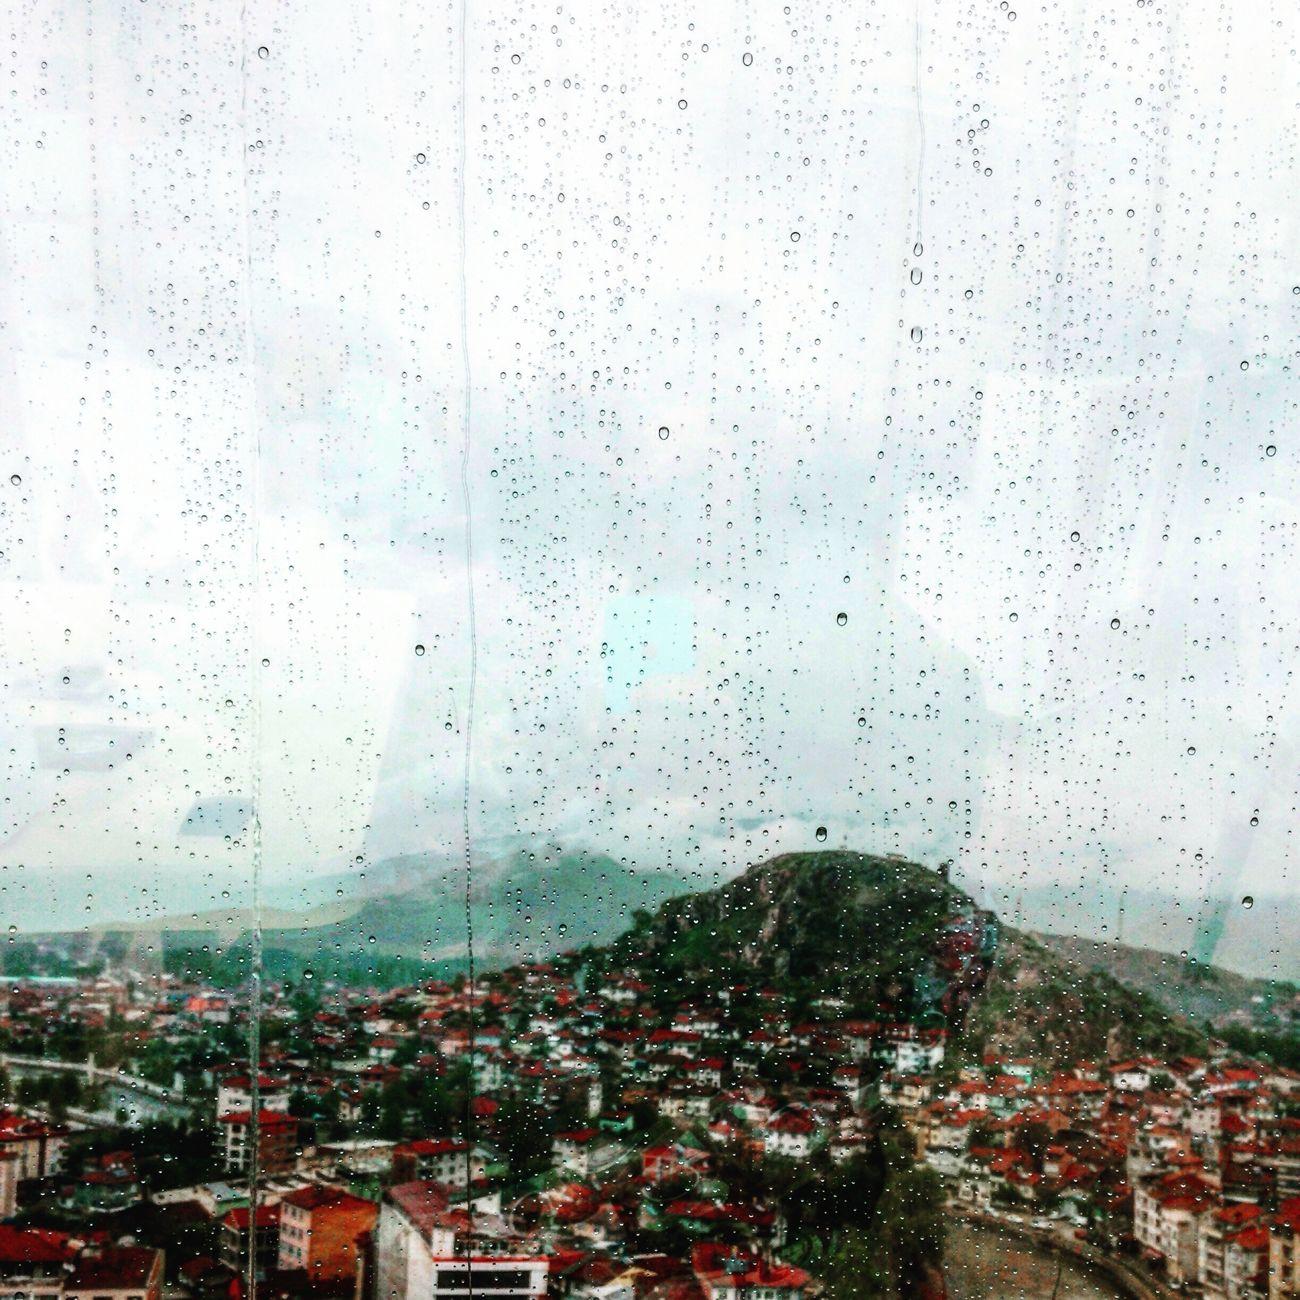 Yağmur değil de sen yağardı bu şehrin üzerine. Her defasında sokağa atardım kendimi. Islanmak güzeldi sende. Sen yağdıkça üzerime.